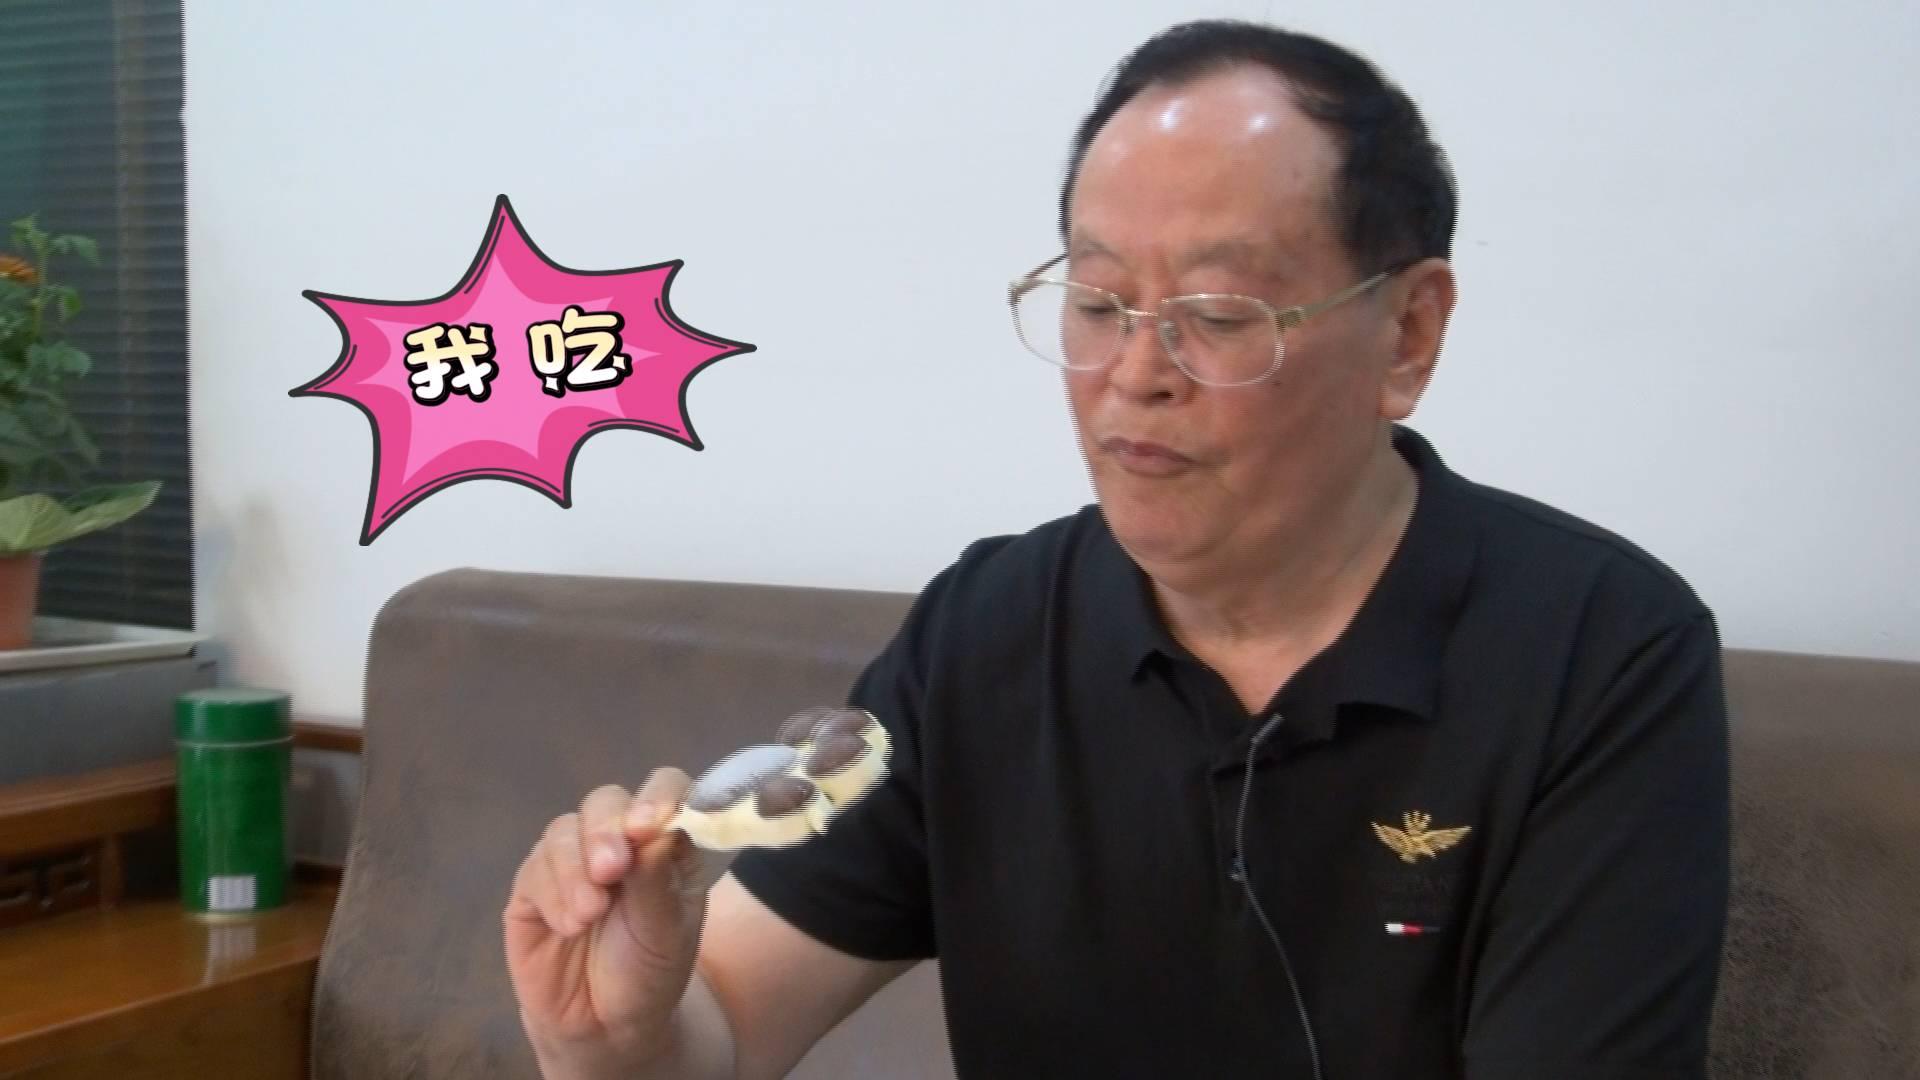 120秒丨这是高手!22年试吃千种雪糕,济南75岁老人教你吃雪糕的正确打开方式